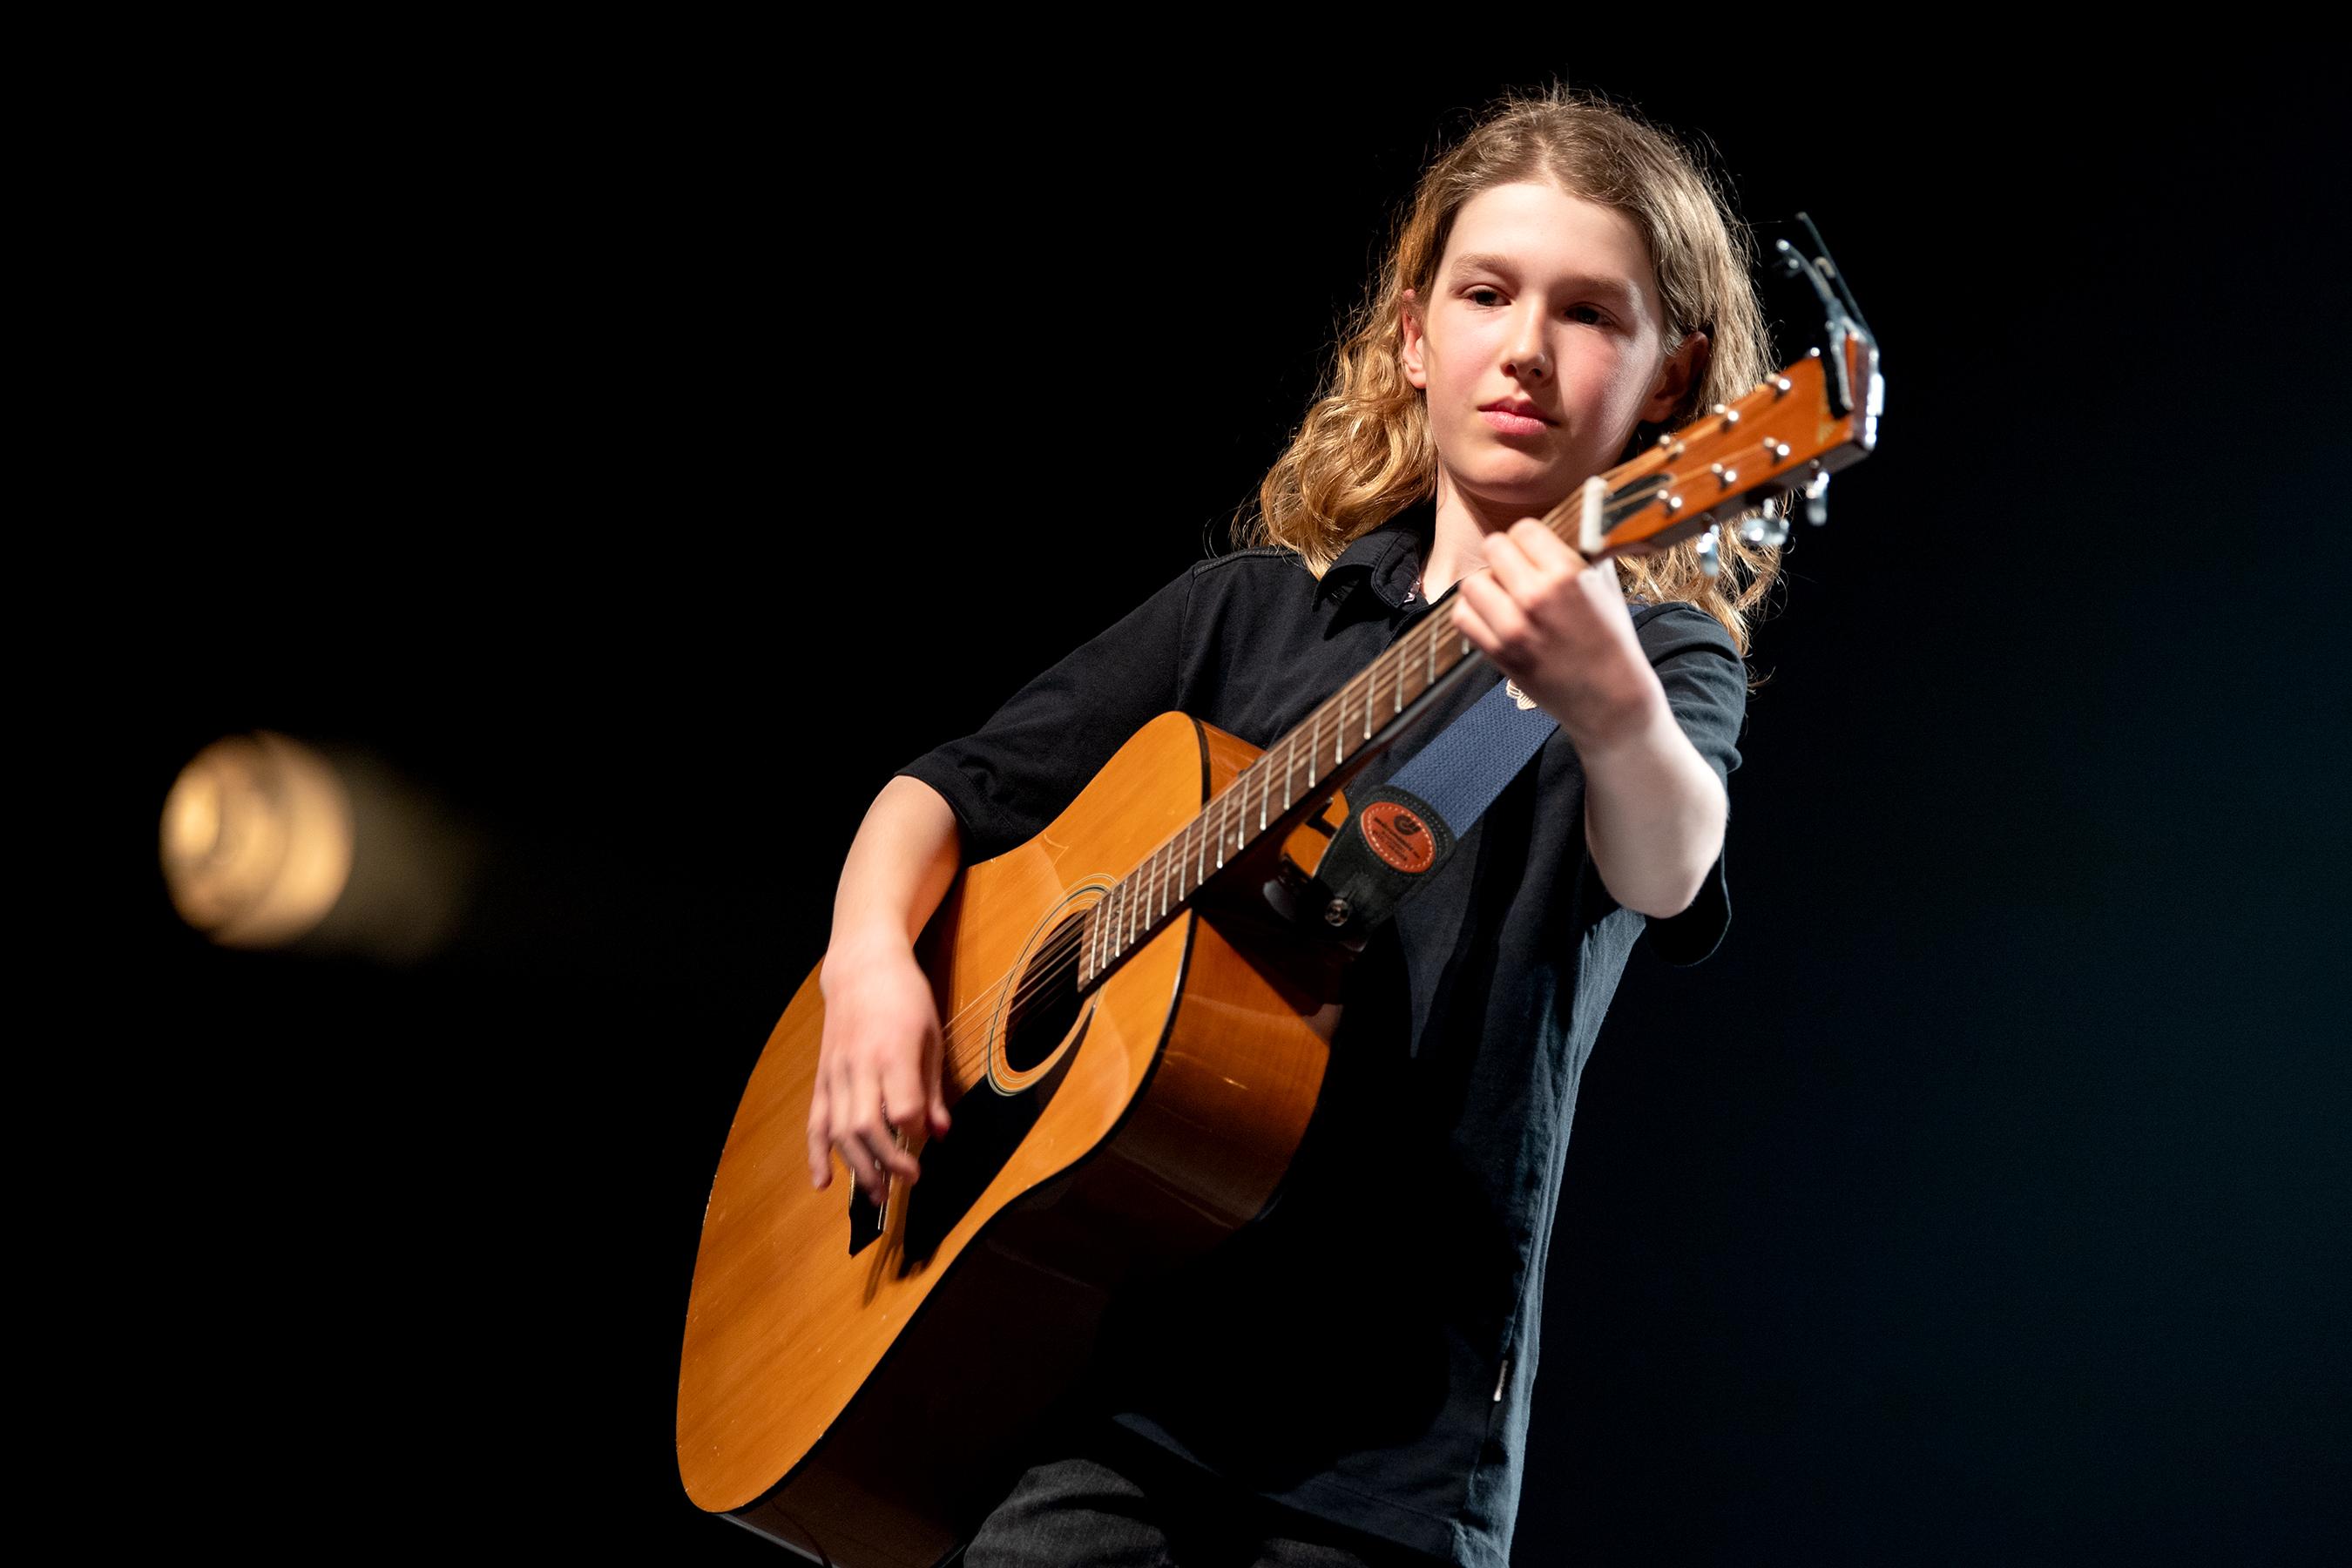 Annuellement, 650 à 750 étudiants sont inscrits à l'école de musique du Bas-Saint-Laurent.